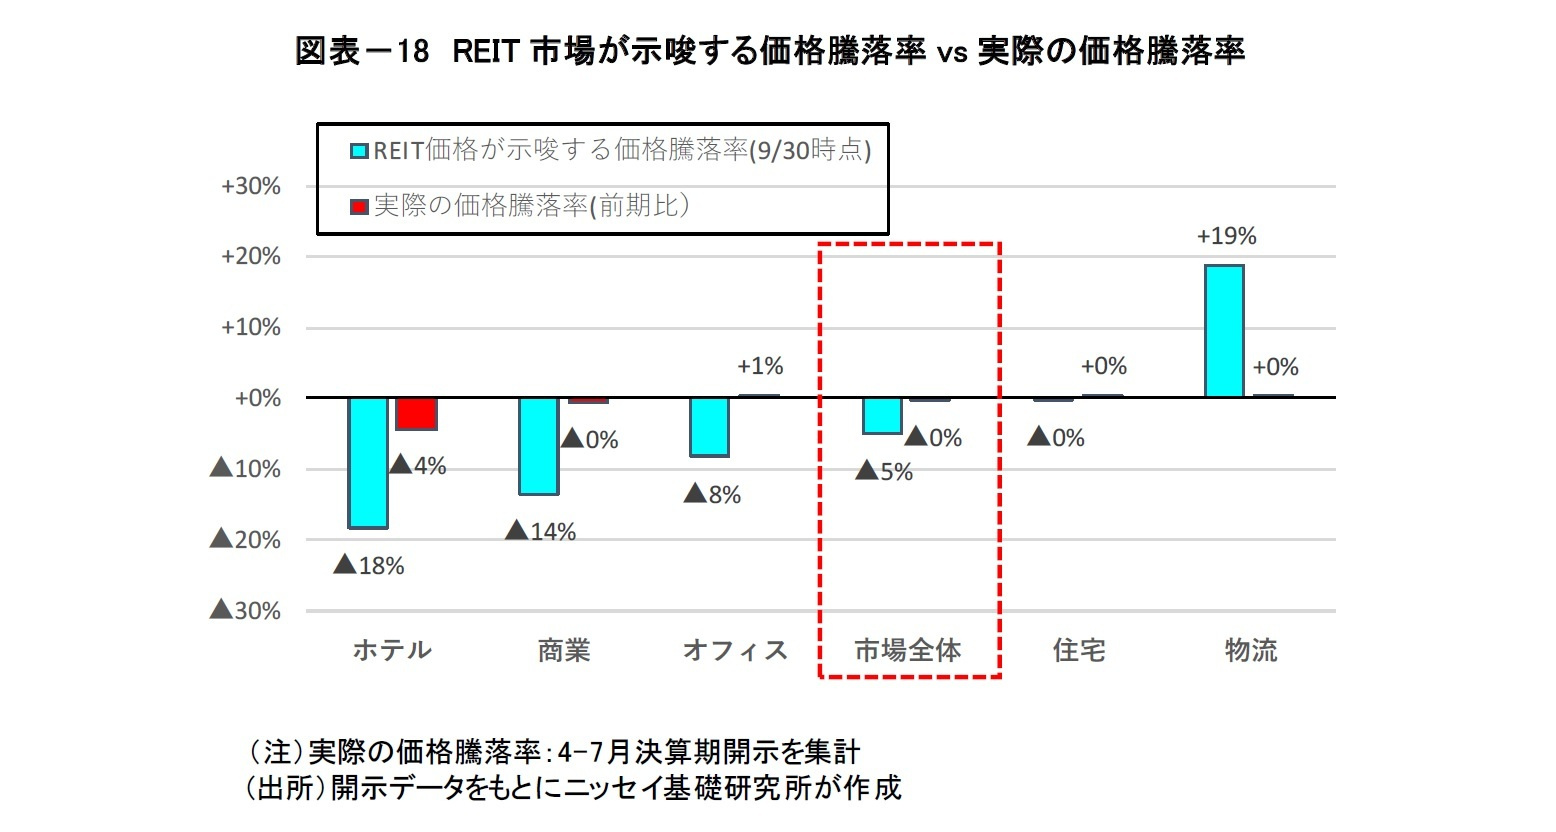 図表-18 REIT市場が示唆する価格騰落率vs実際の価格騰落率